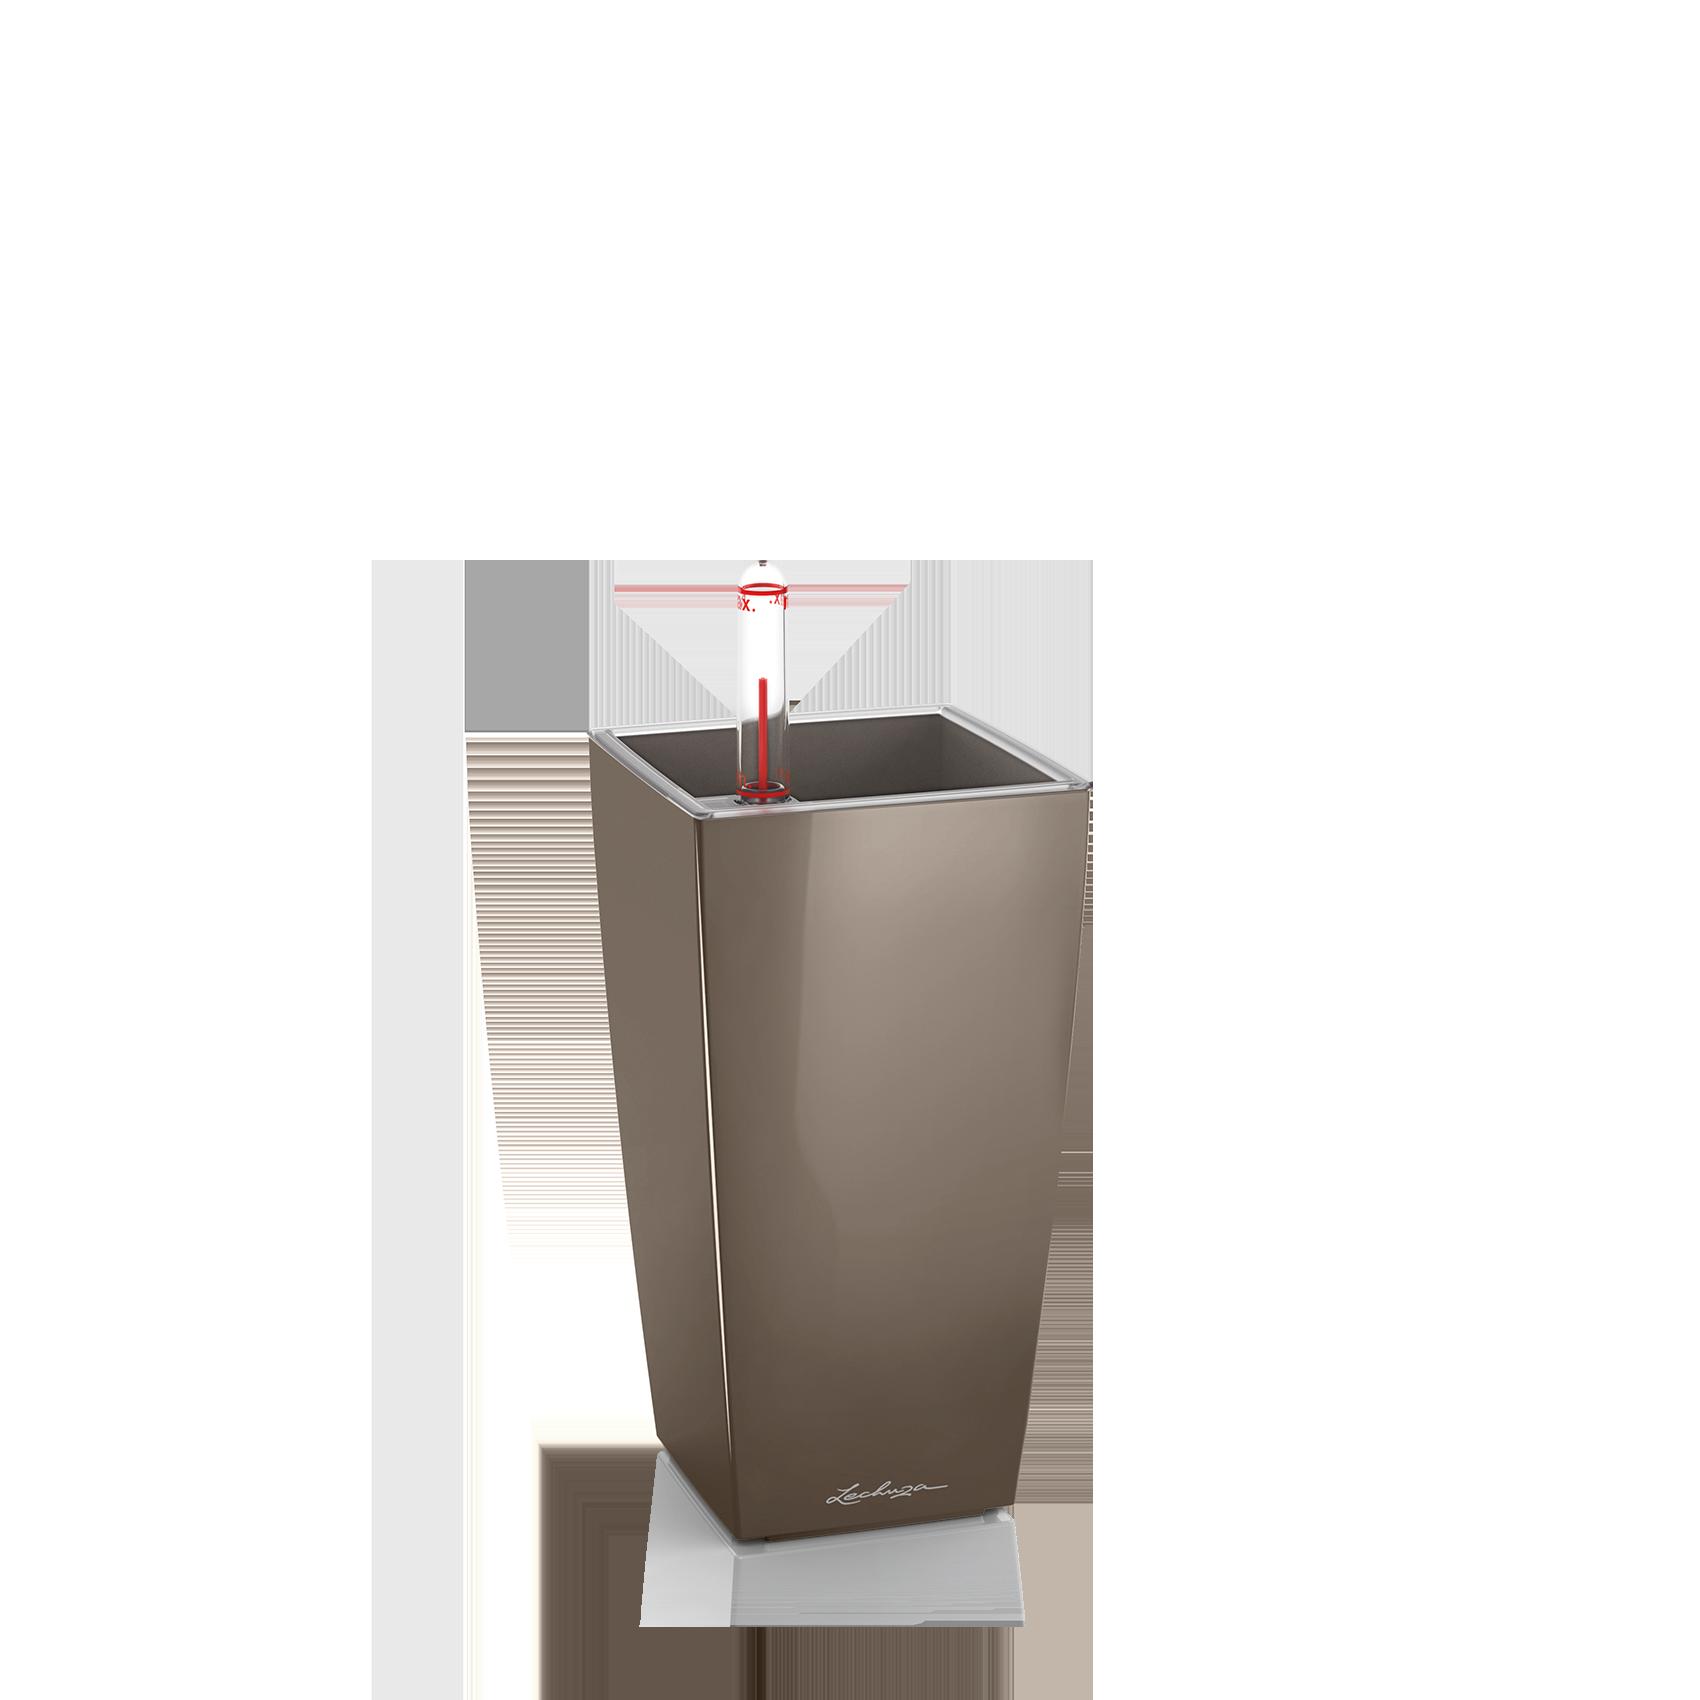 MINI-CUBI shiny taupe